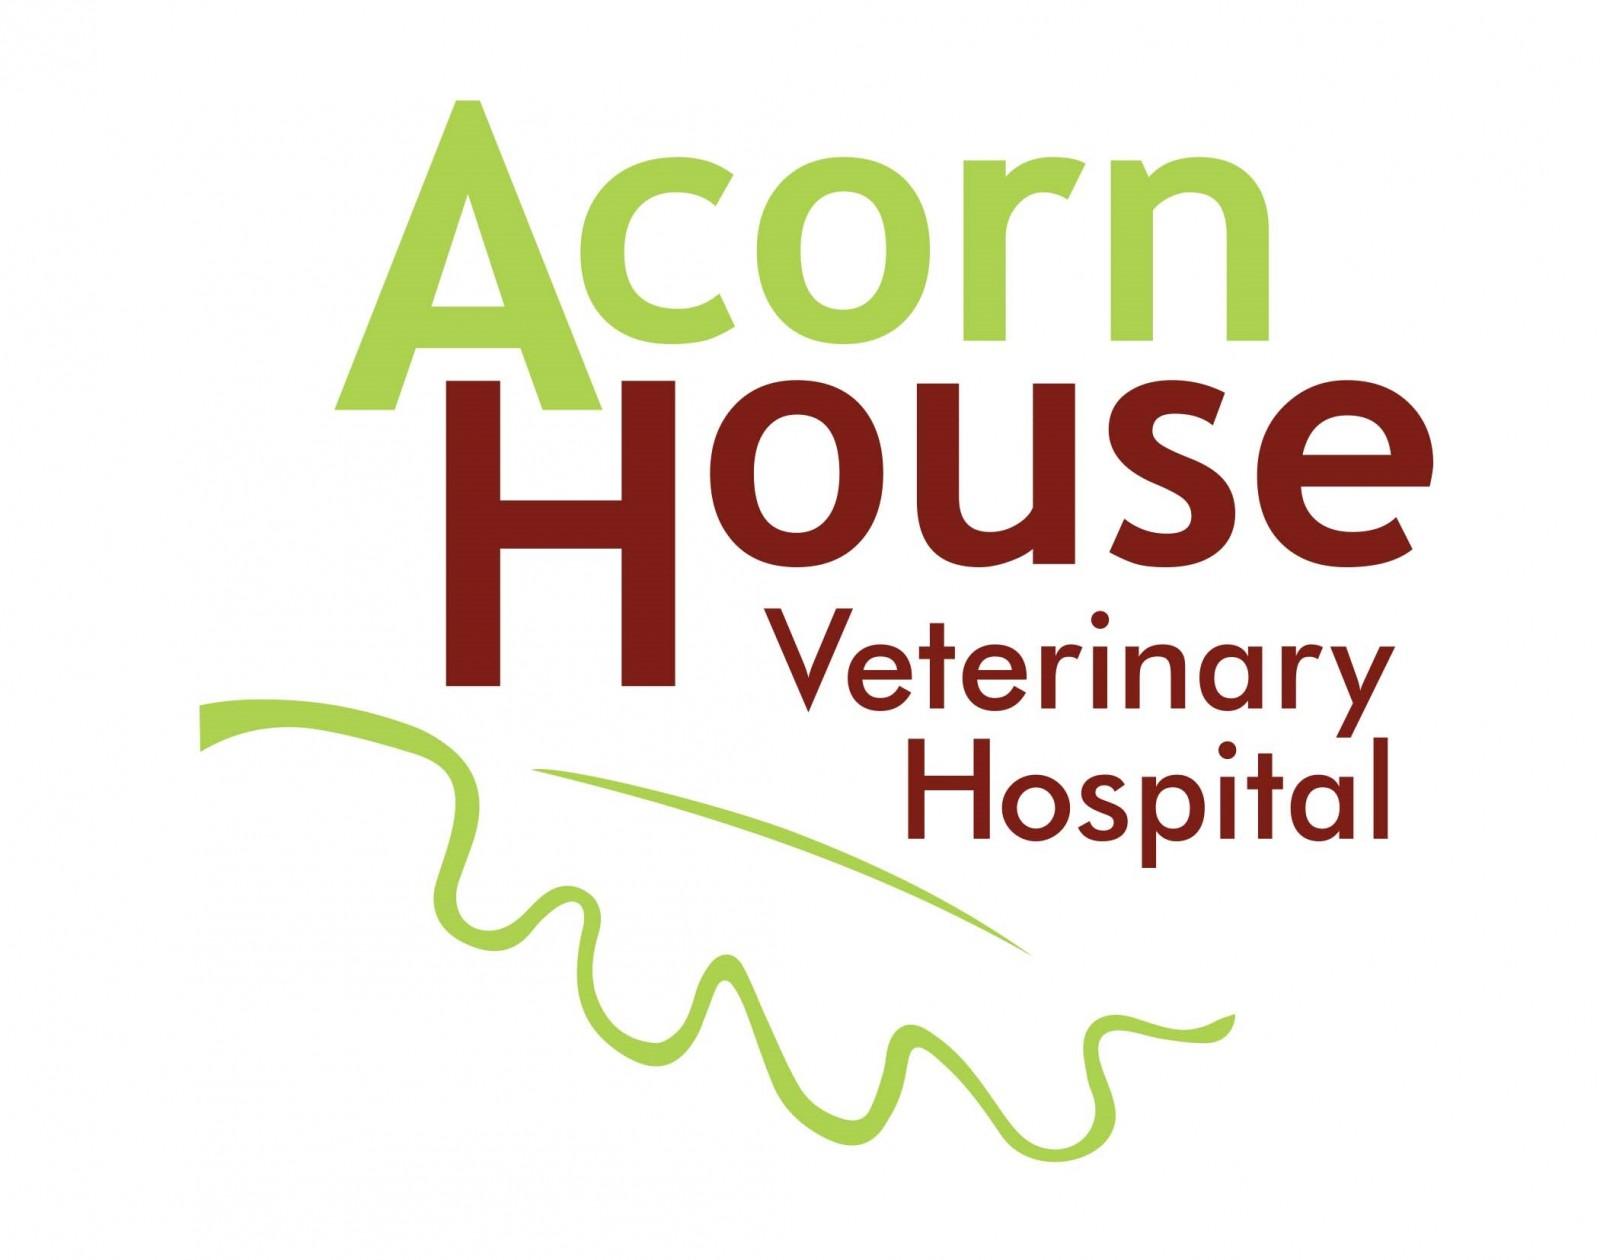 Acorn House Veterinary Hospital